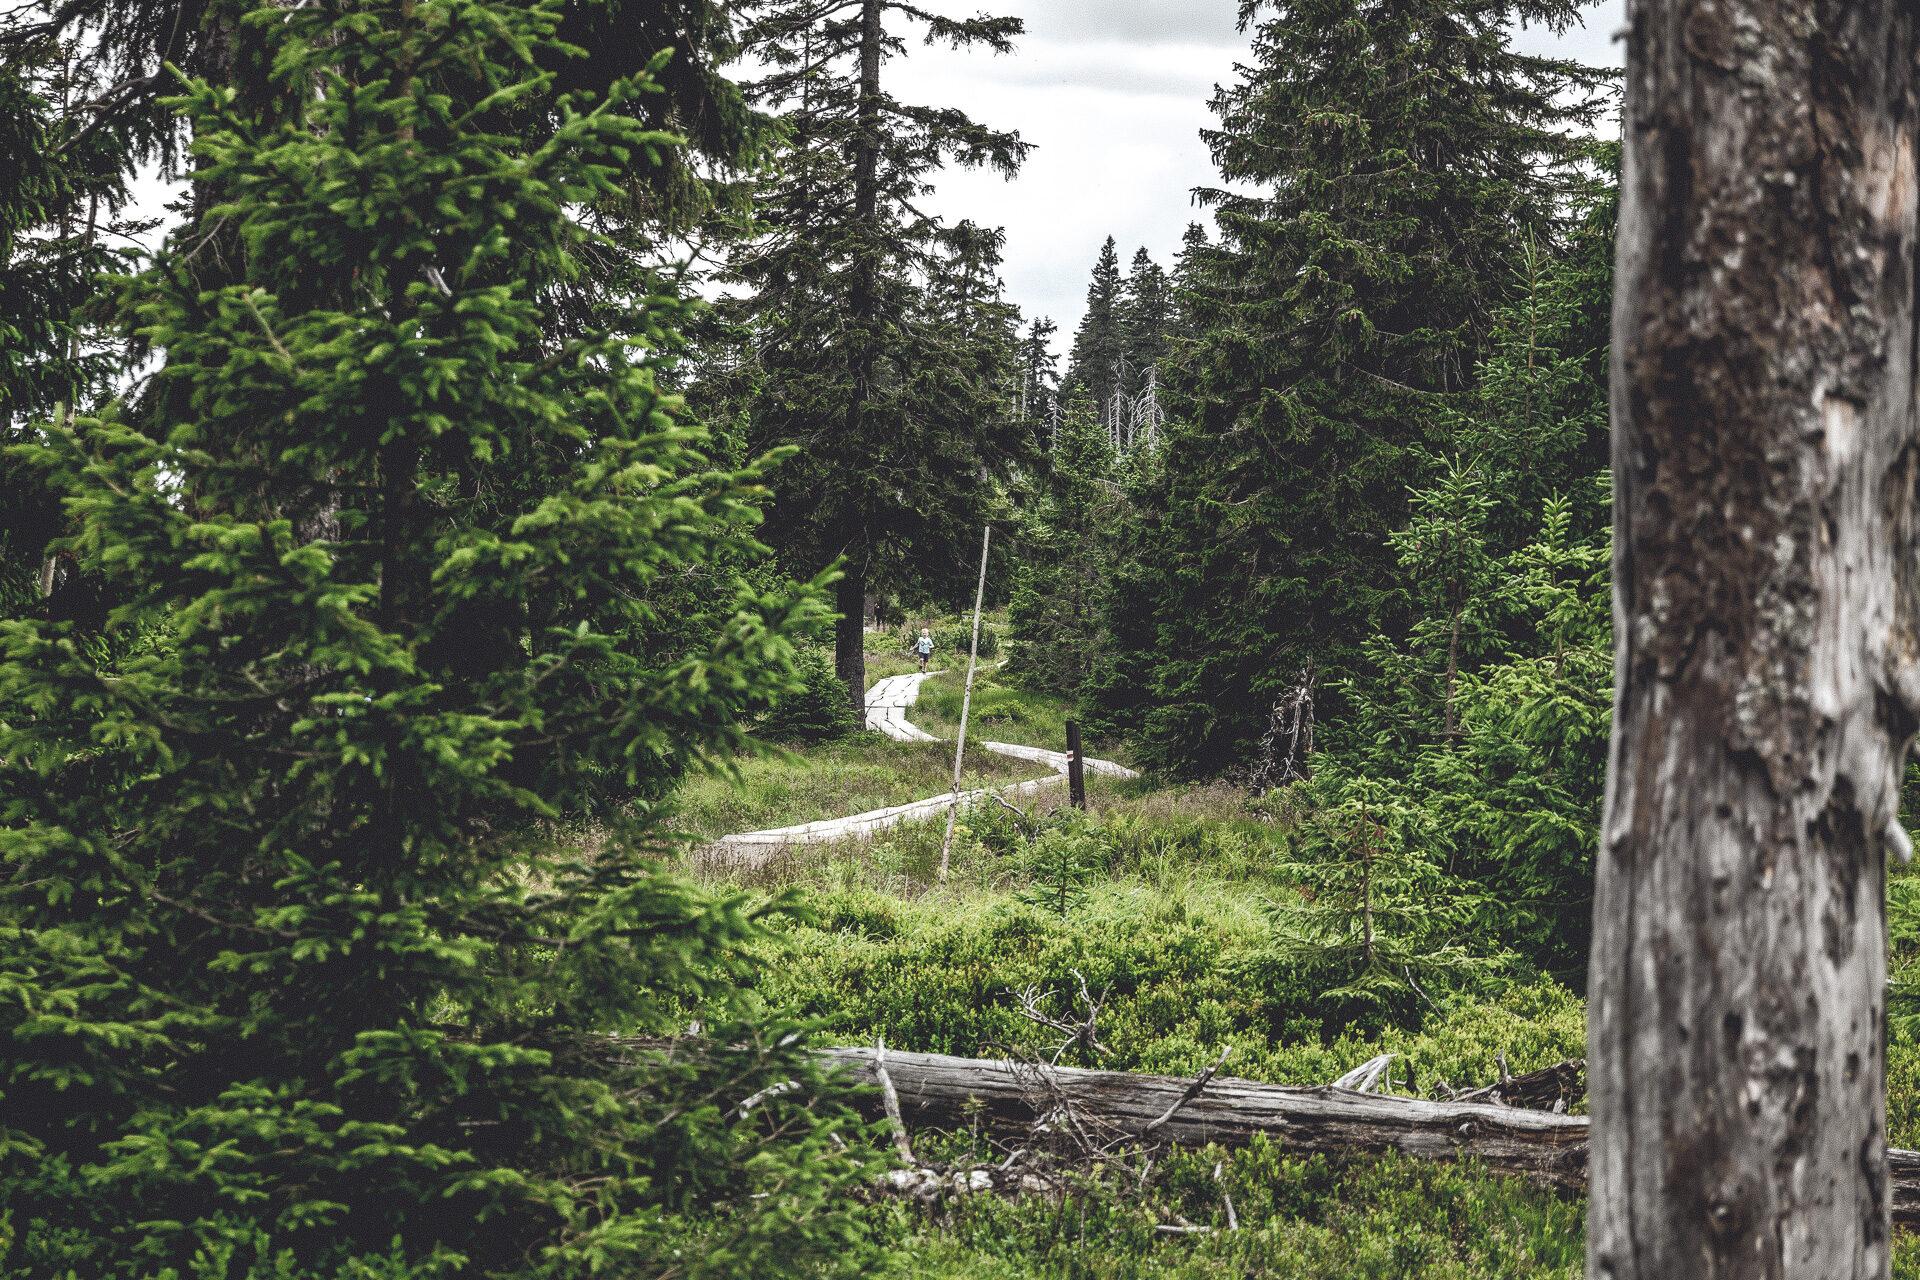 Endlich – der gesuchte Wanderweg